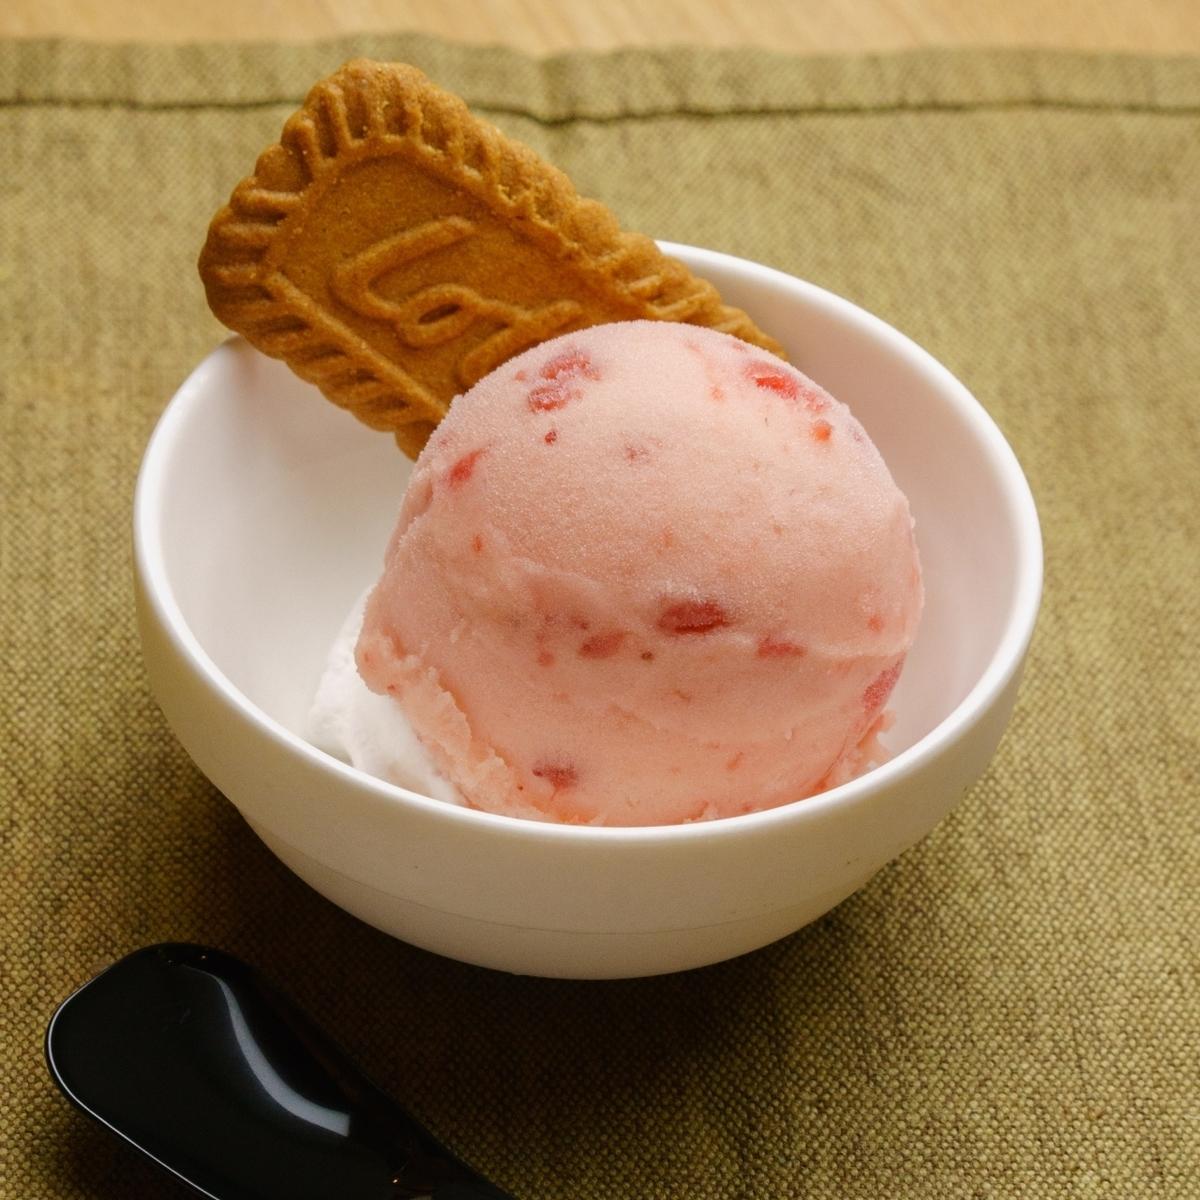 意大利Gerato(意大利冰淇淋)■單身